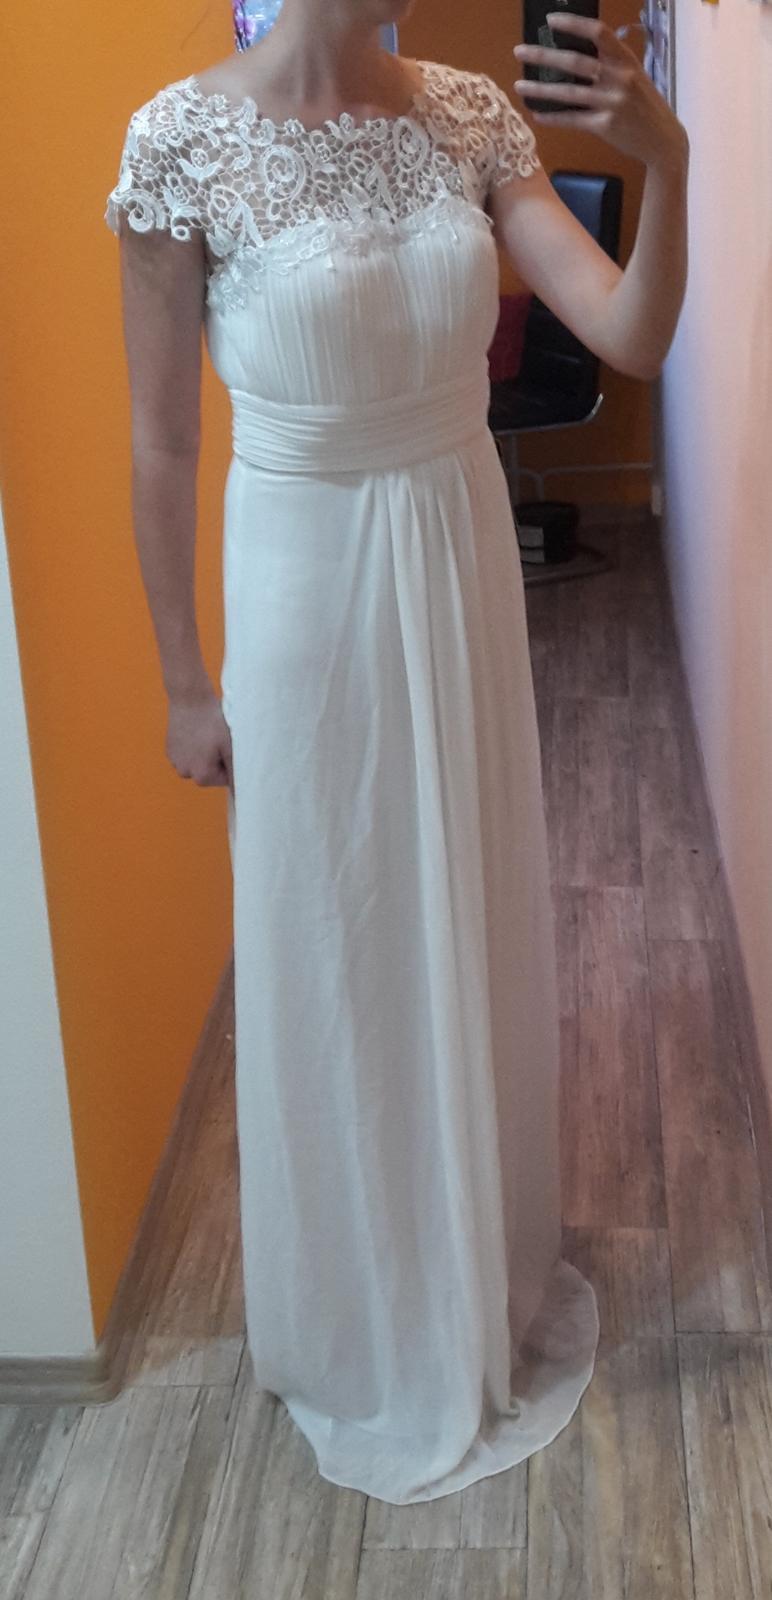 fb0b19b17 Čipkovane jednoduche svadobne šaty, 38 - 60 €   Svadobný bazár    Mojasvadba.sk